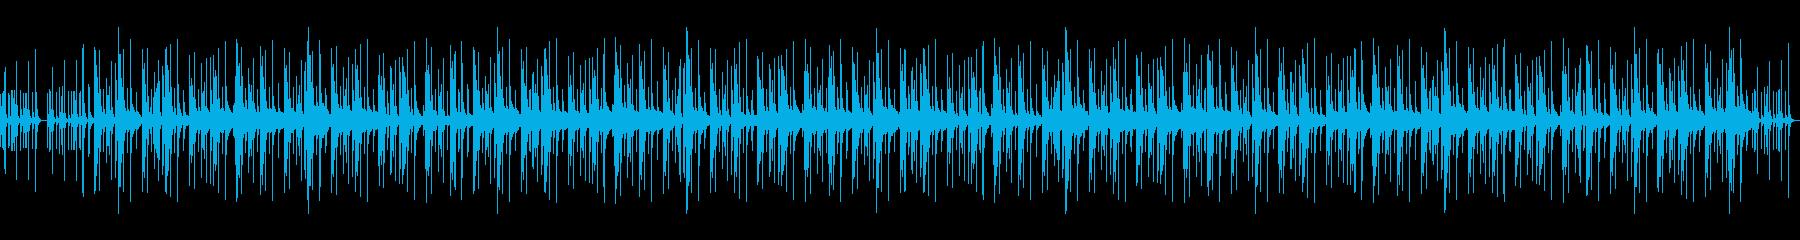 気楽でほのぼのする曲・ペット動画・キッズの再生済みの波形